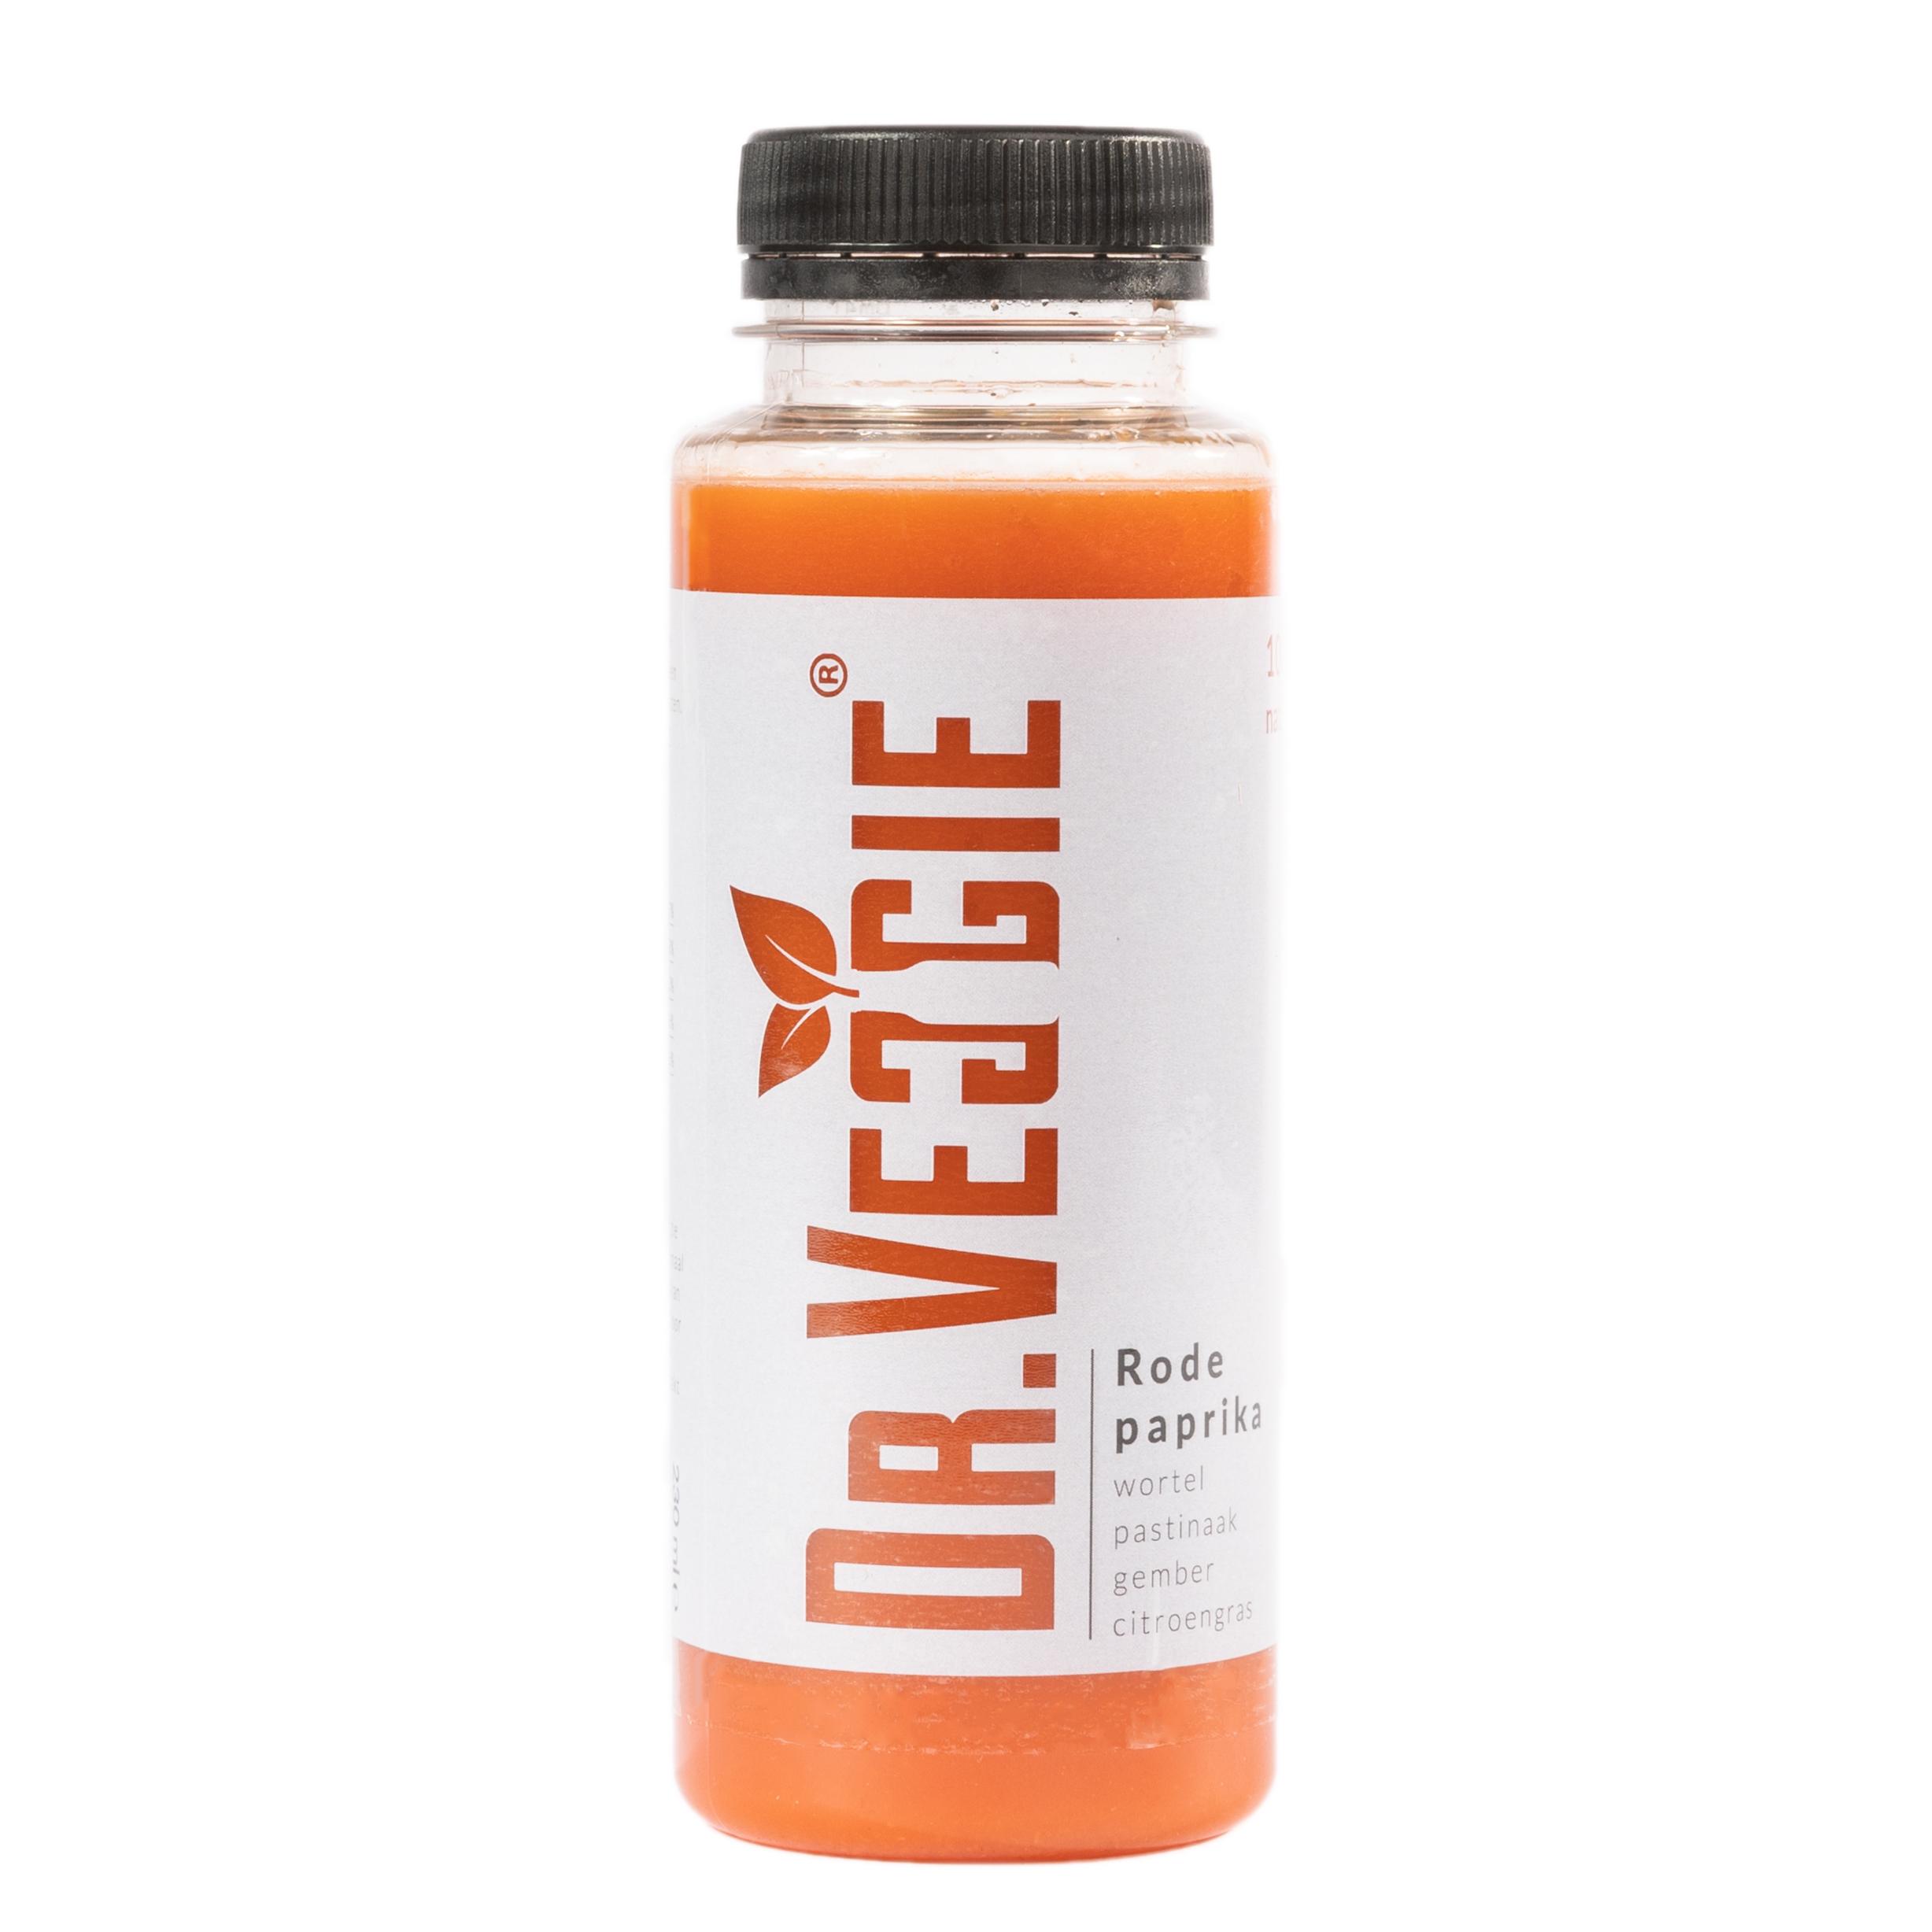 Groentesap Rode paprika ingredient Dr Veggie